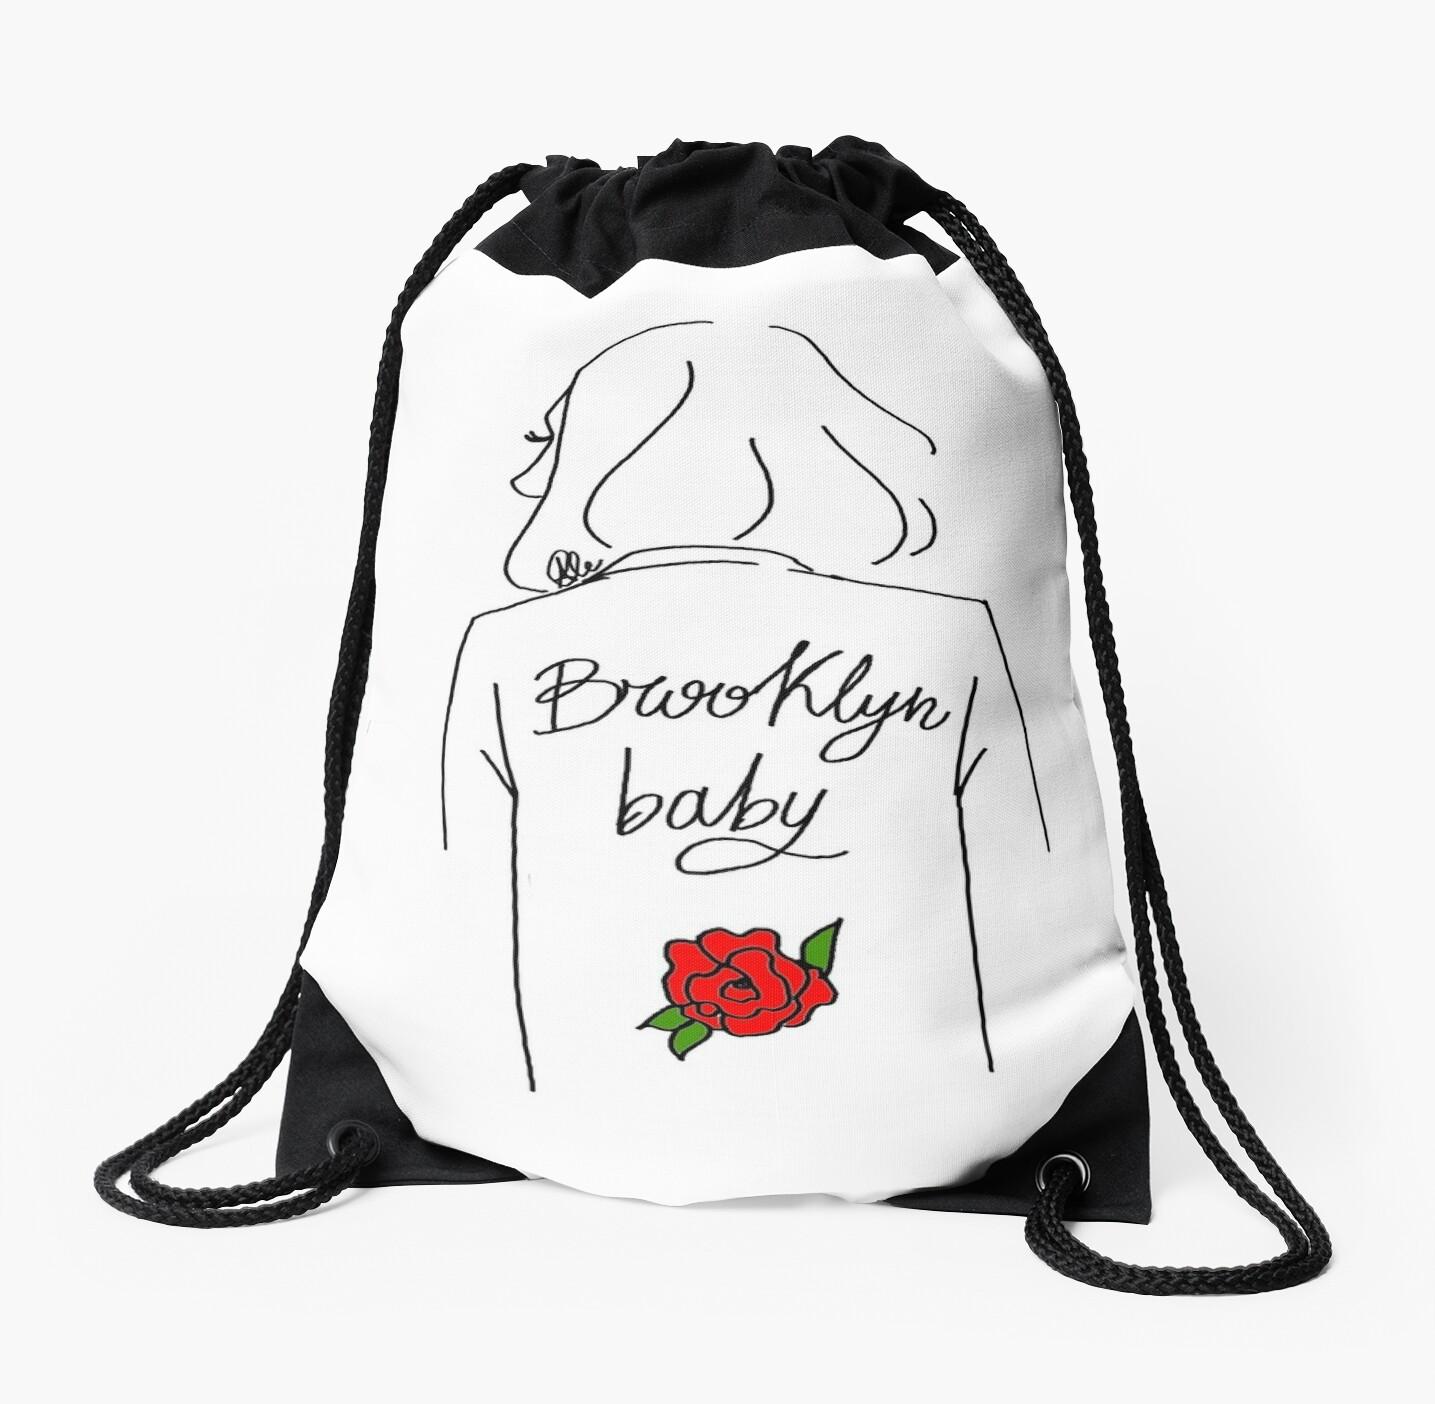 lana del rey brooklyn baby by aelysart